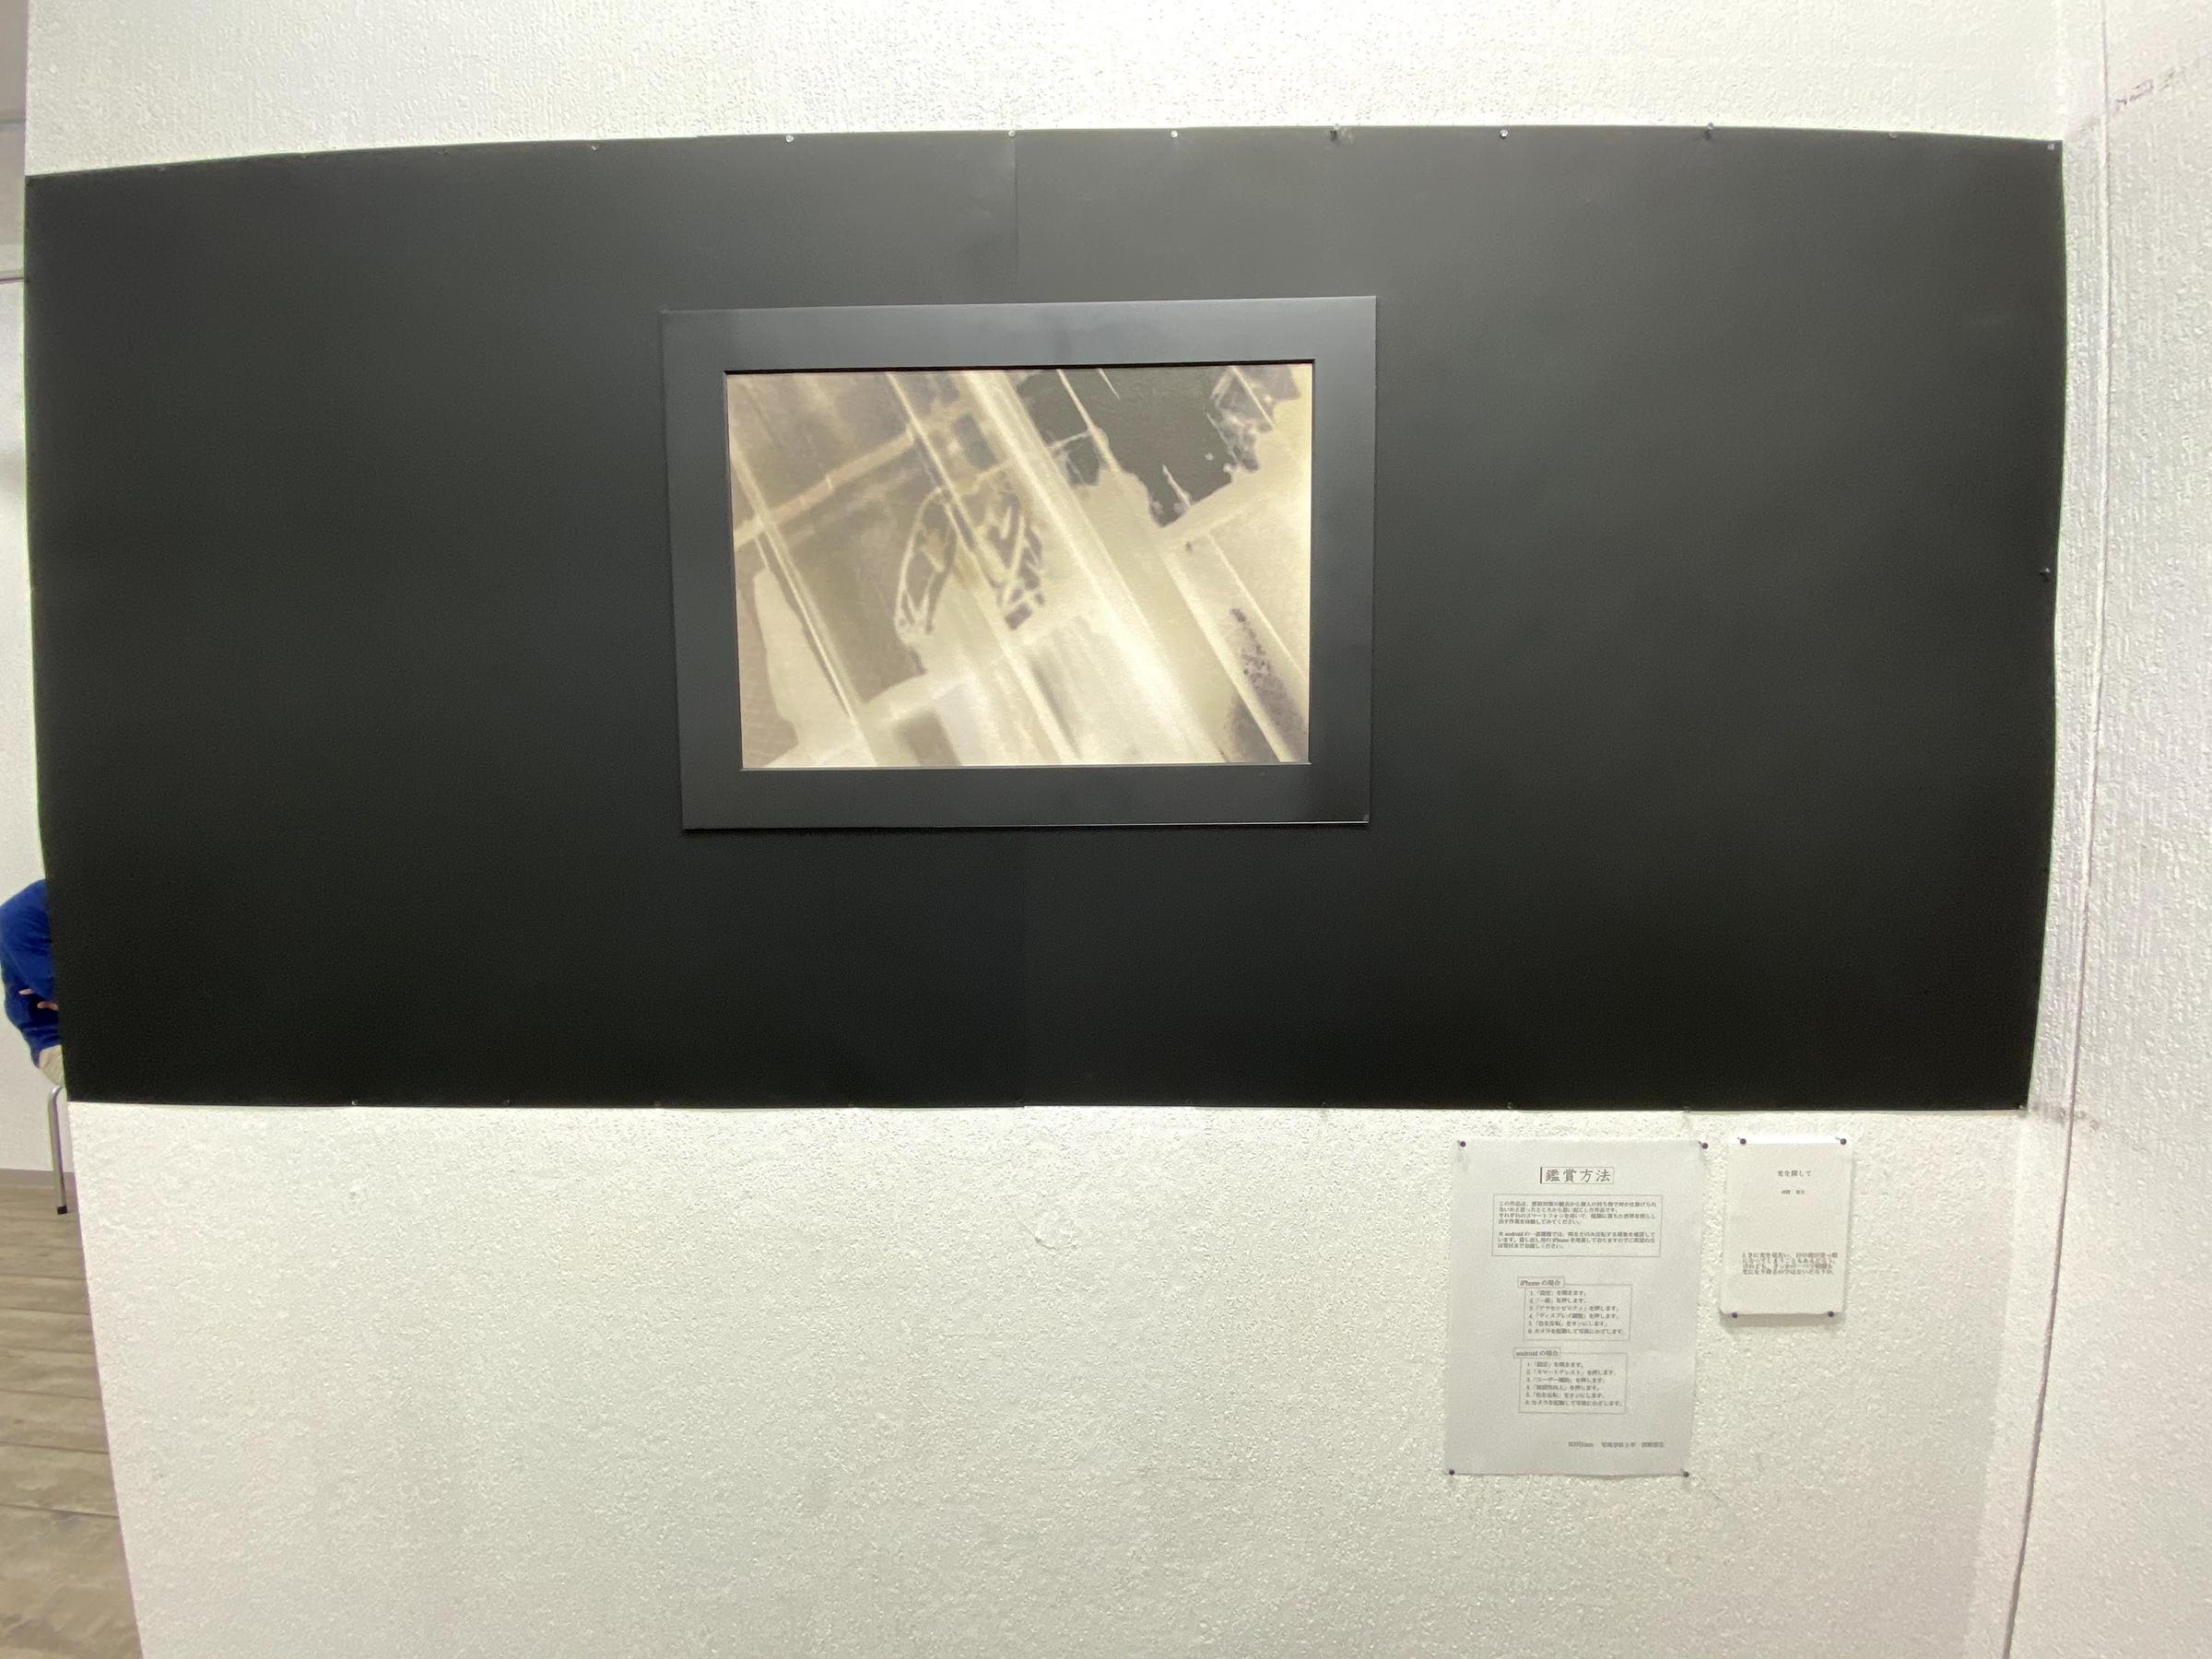 渋谷ルデコでやってる東京工芸大学FOTO.ismの写真展が最高だと感じた理由